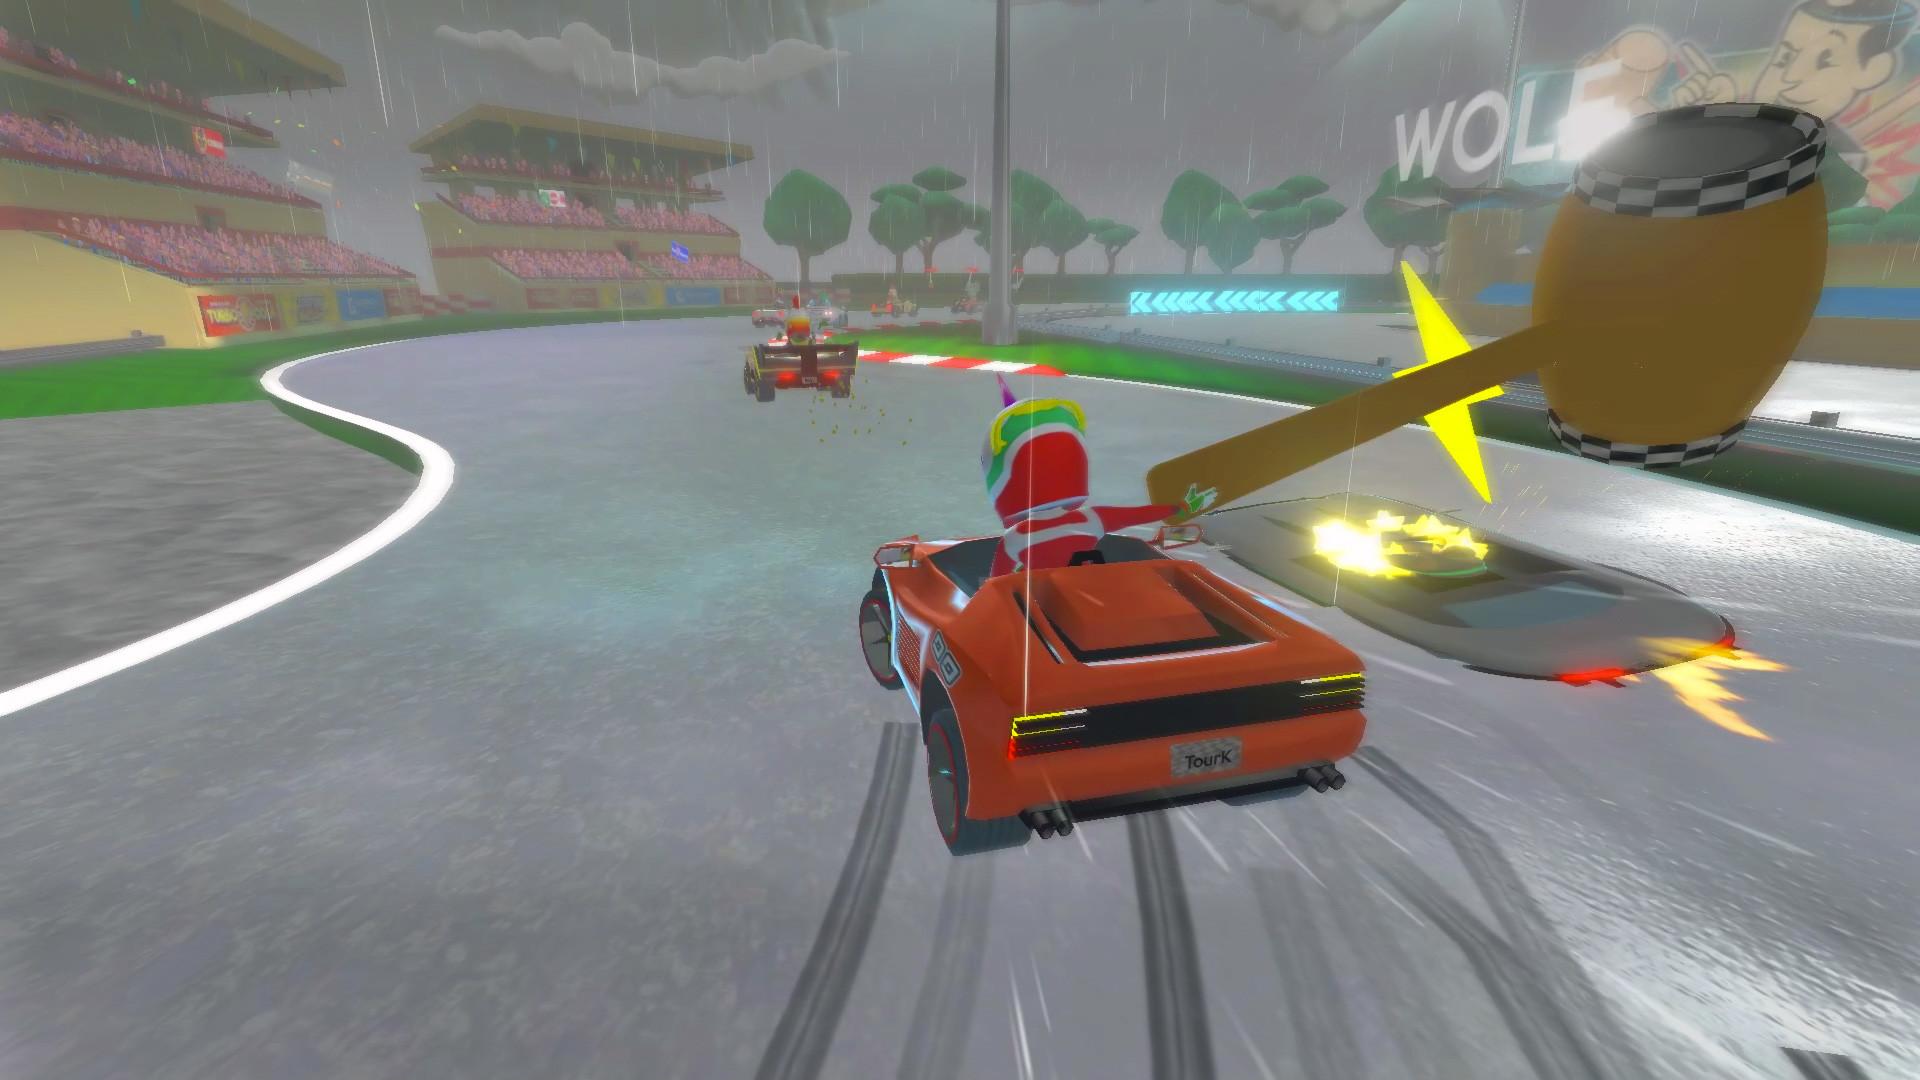 Link Tải Game Touring Karts Miễn Phí Thành Công